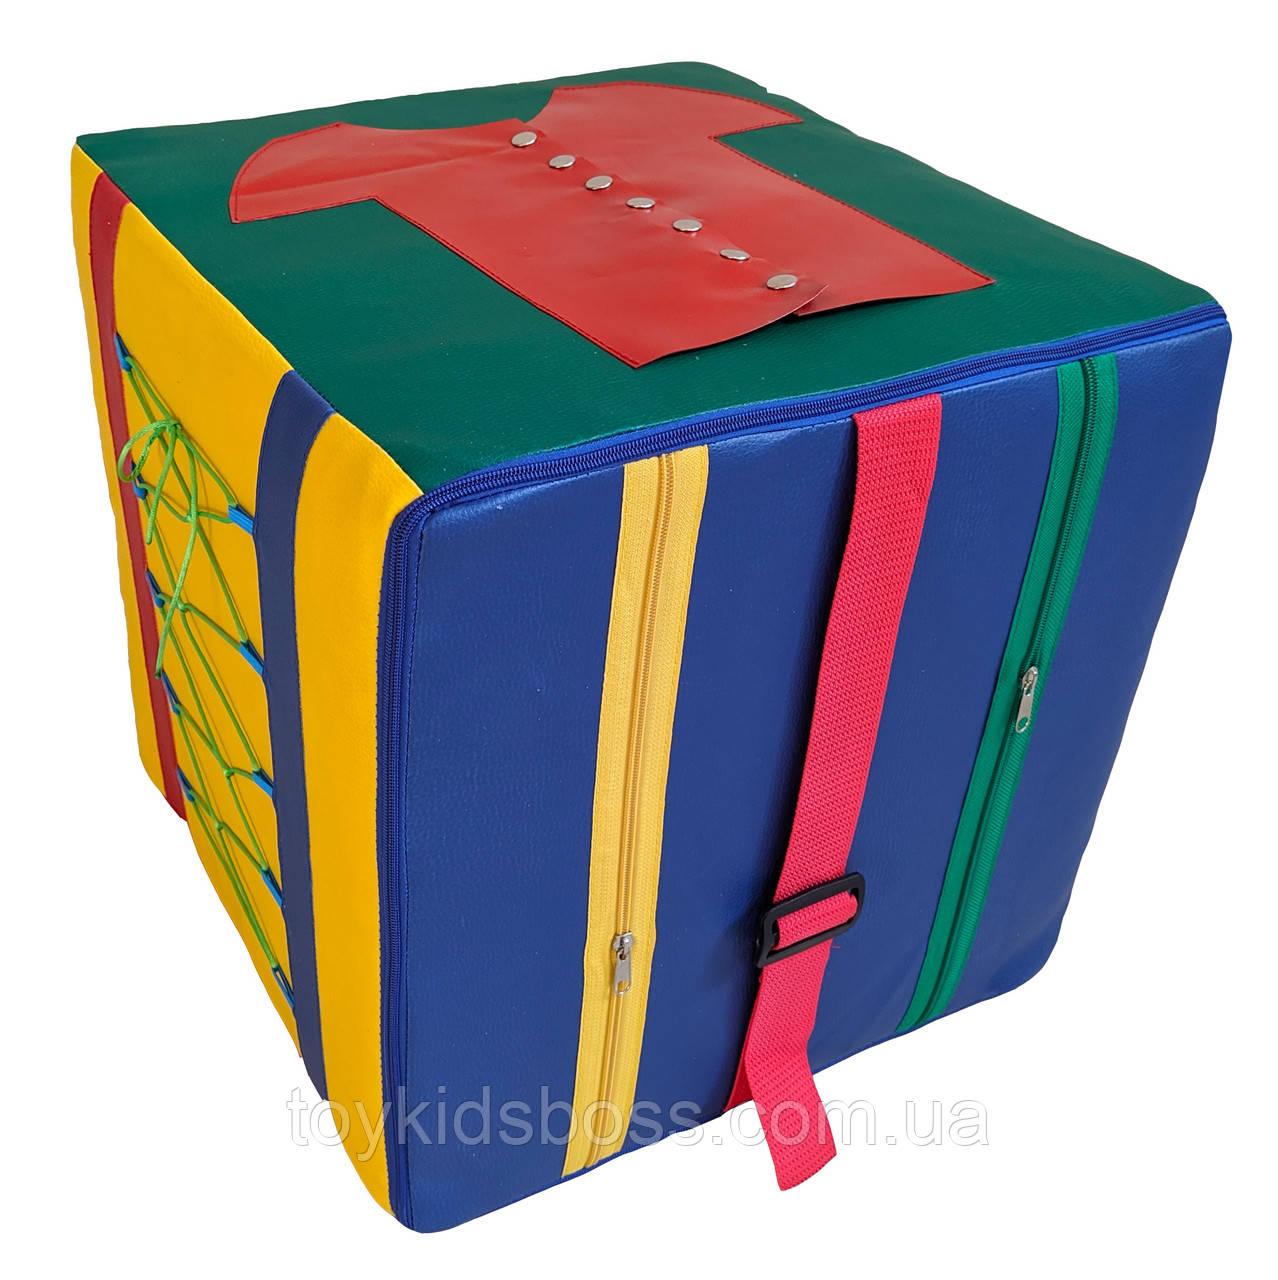 Дидактический модуль Куб